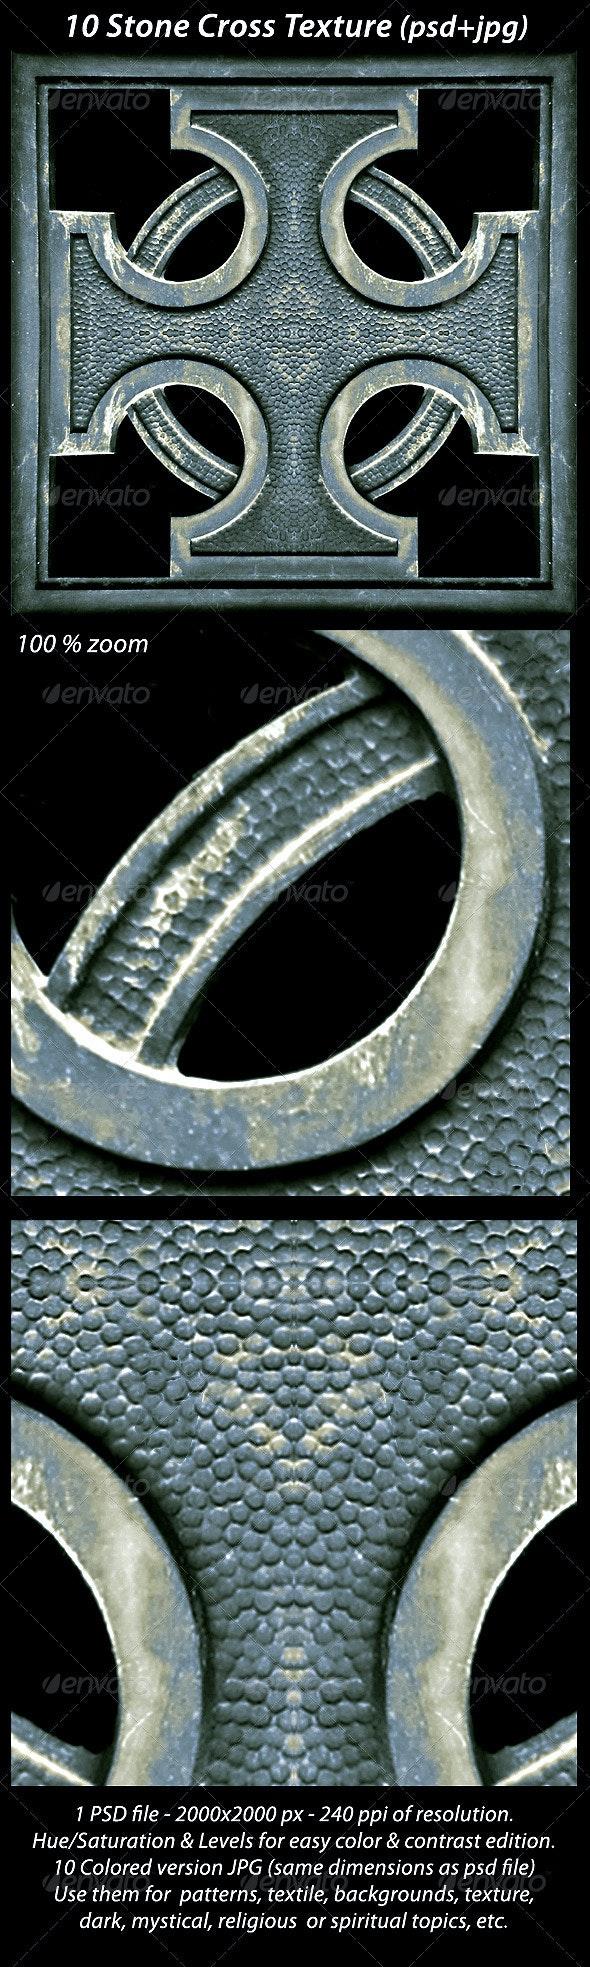 10 Stone Cross Textures - Stone Textures